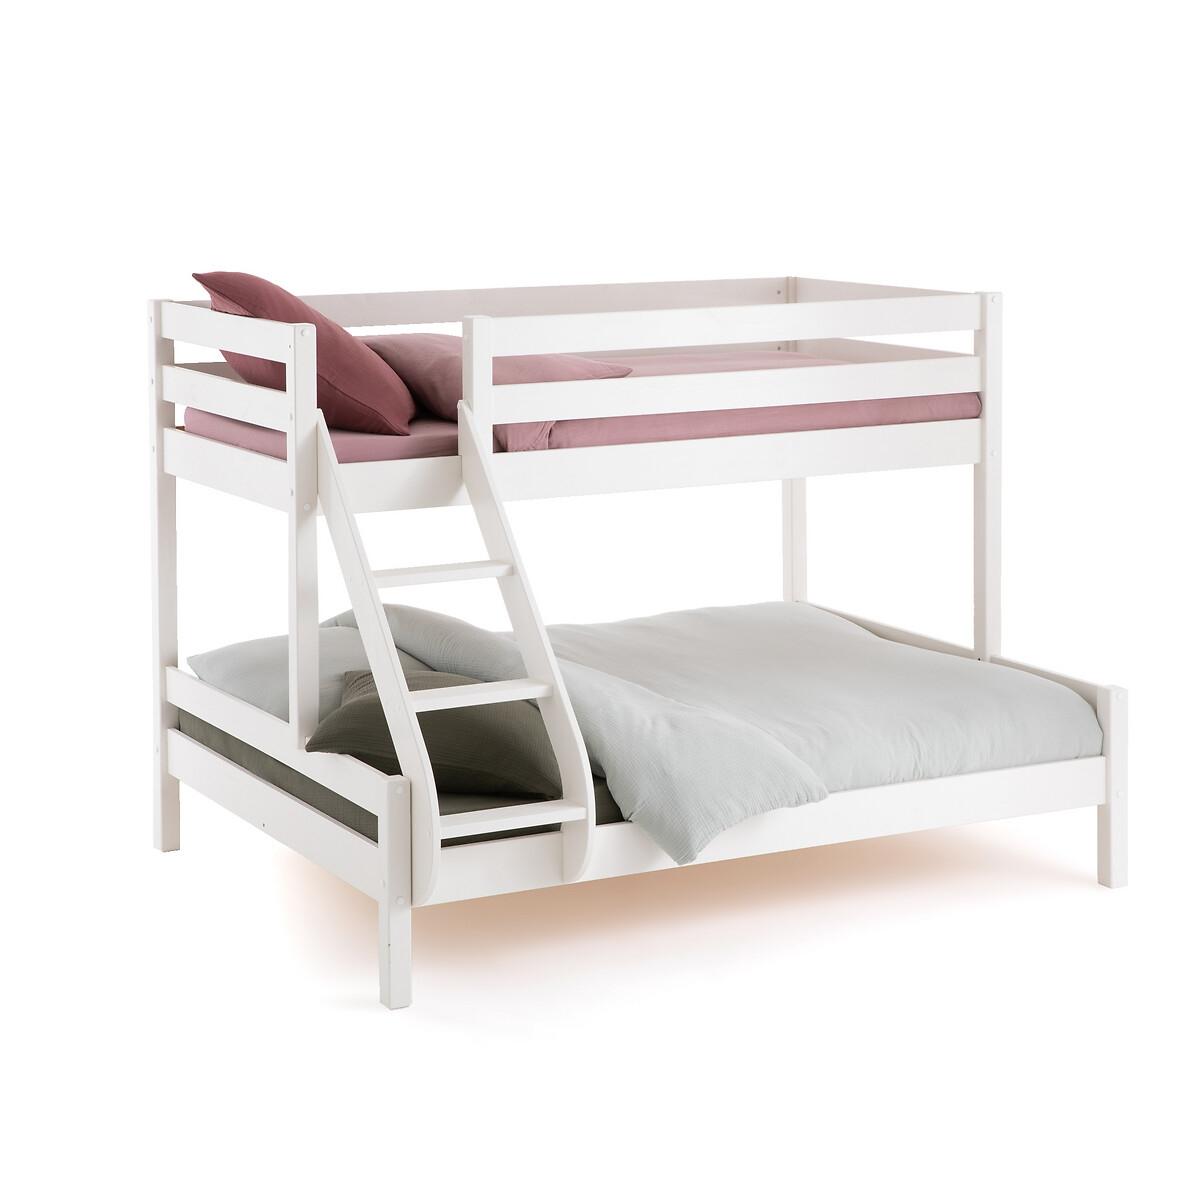 Кровать LaRedoute 2-ярусная 3-местная Meeting 140 x 190 см белый